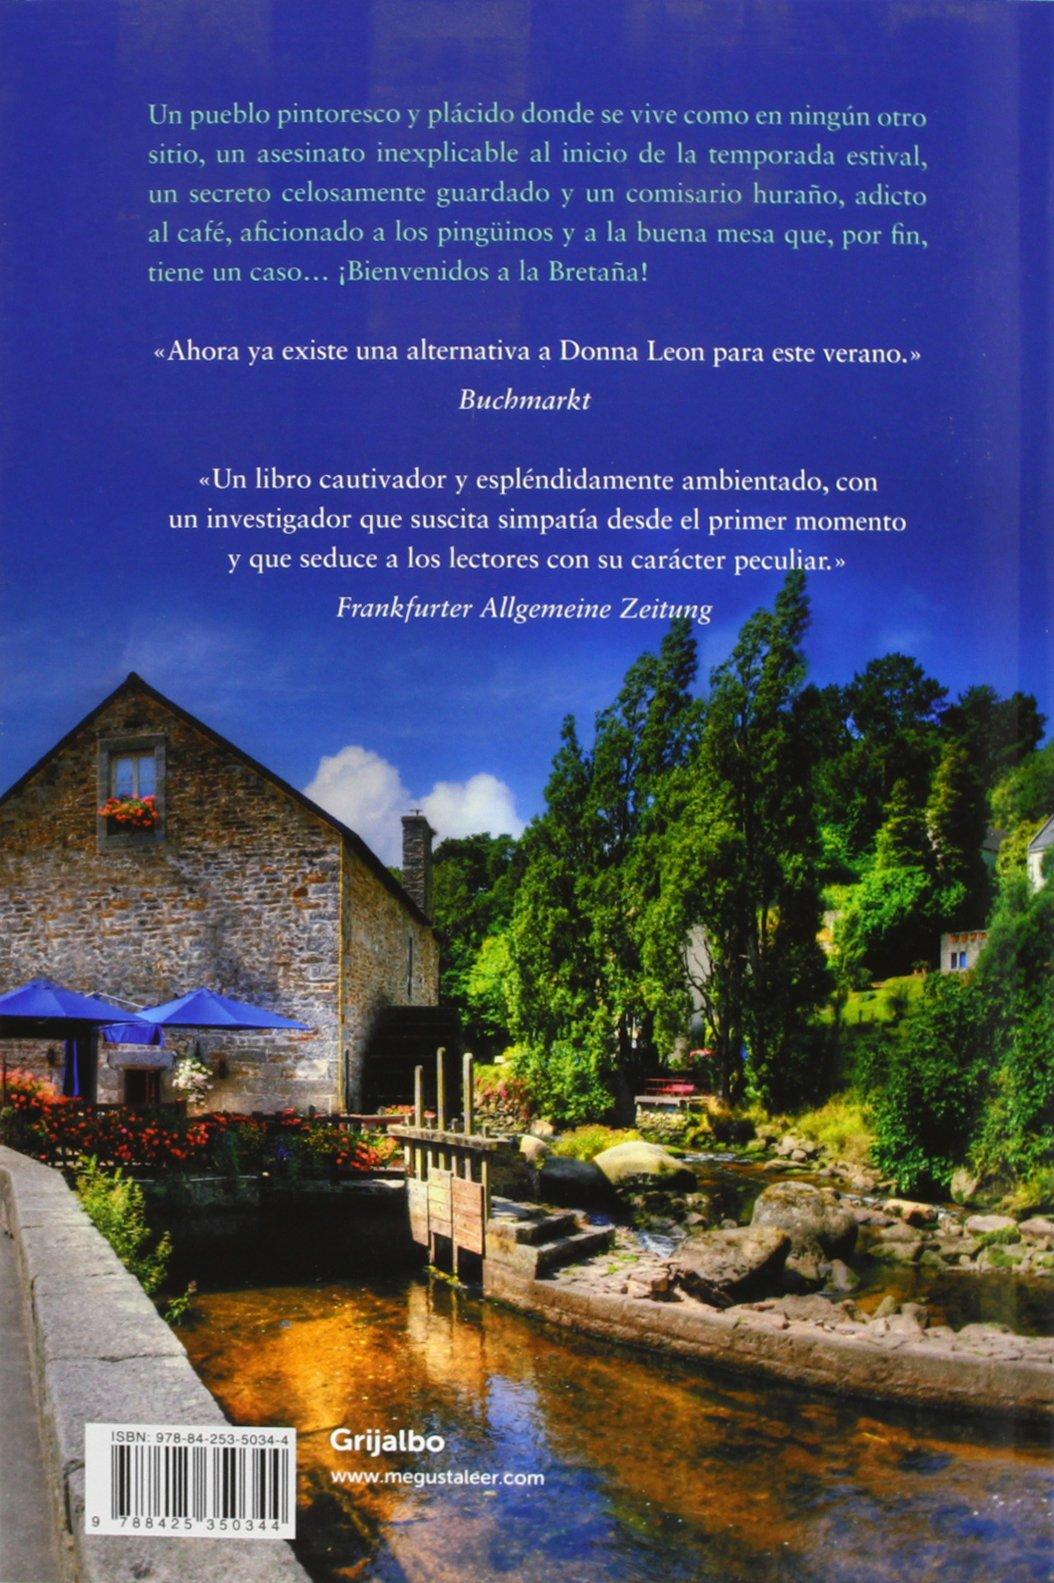 El misterio de Pont-Aven / The Mystery of Pont-Aven: Amazon.it: Jean-Luc  Bannalec: Libri in altre lingue